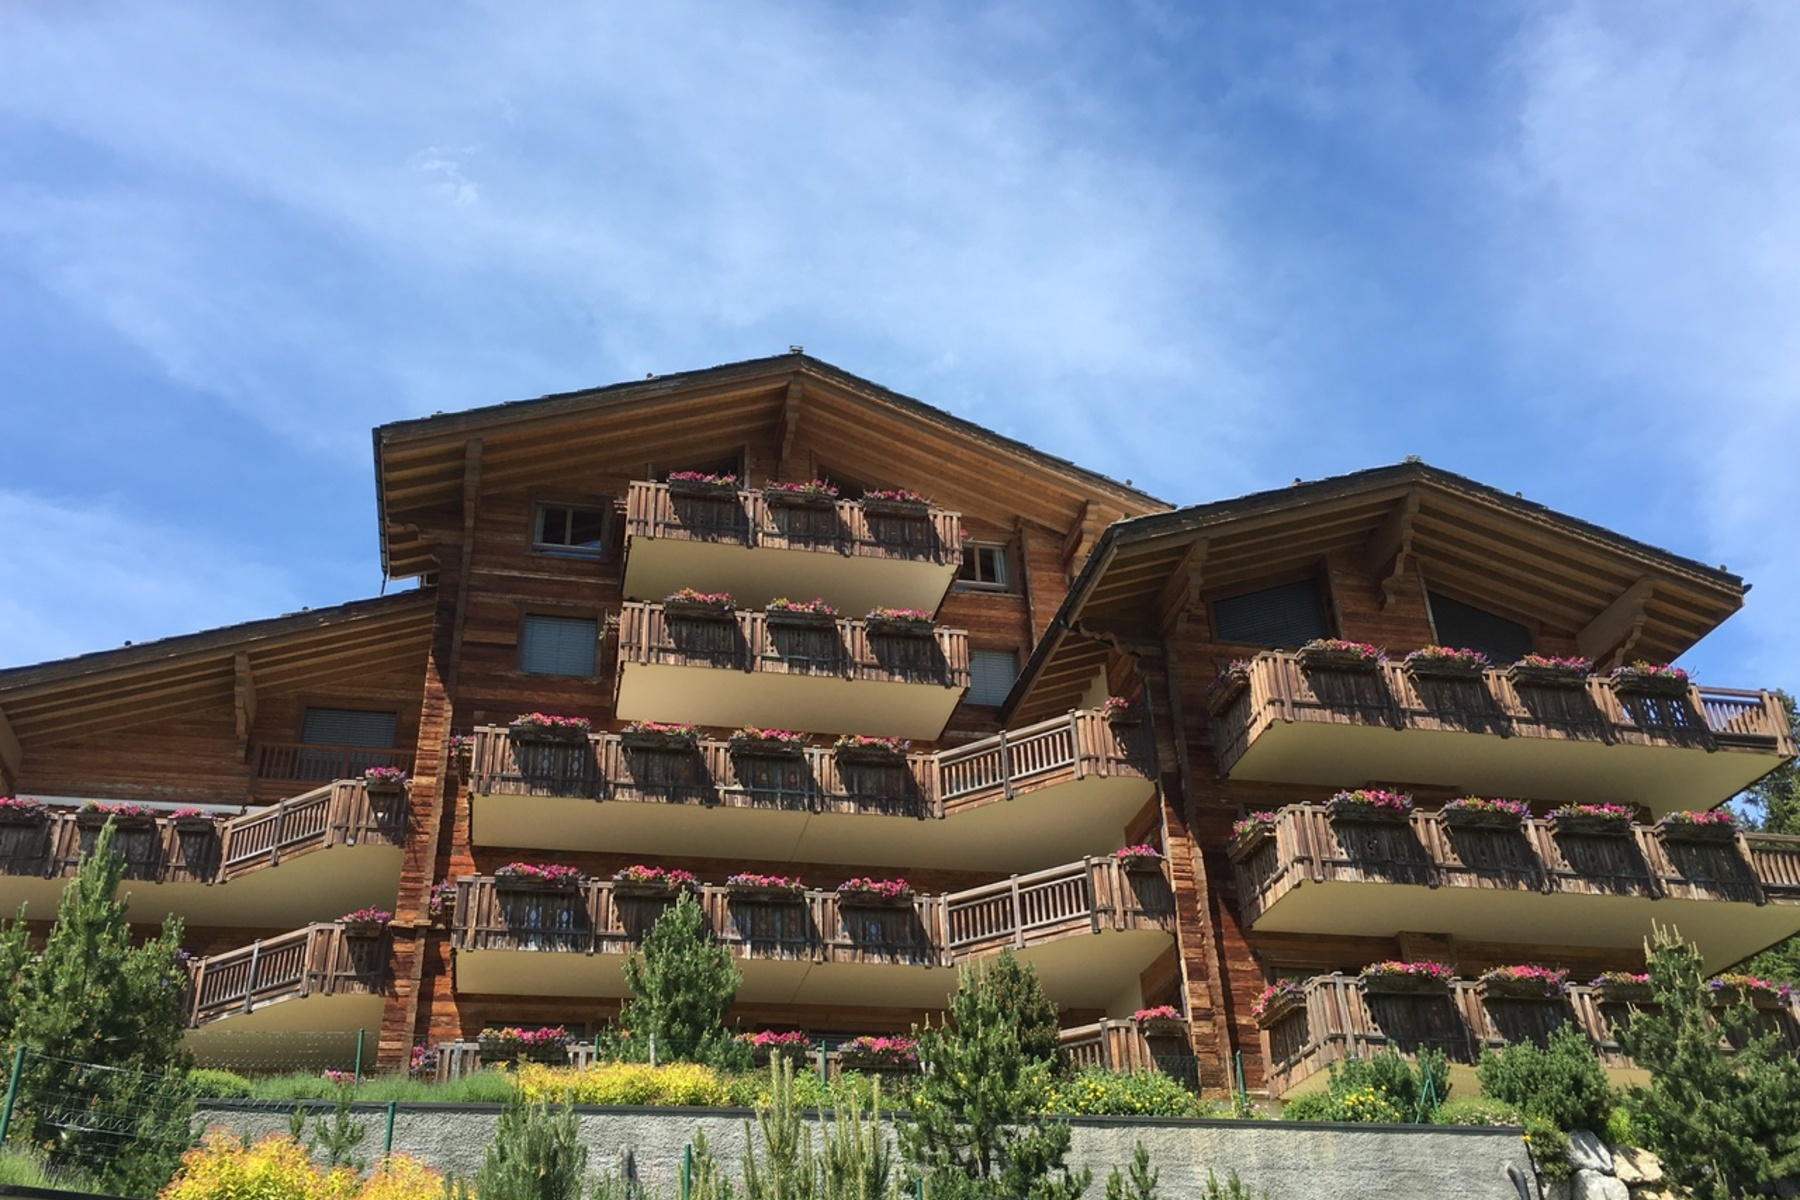 Condomínio para Venda às Rose des Neiges, 4 rooms, 1st floor Chemin de la Digue 40 Crans, Valais, 3963 Suíça